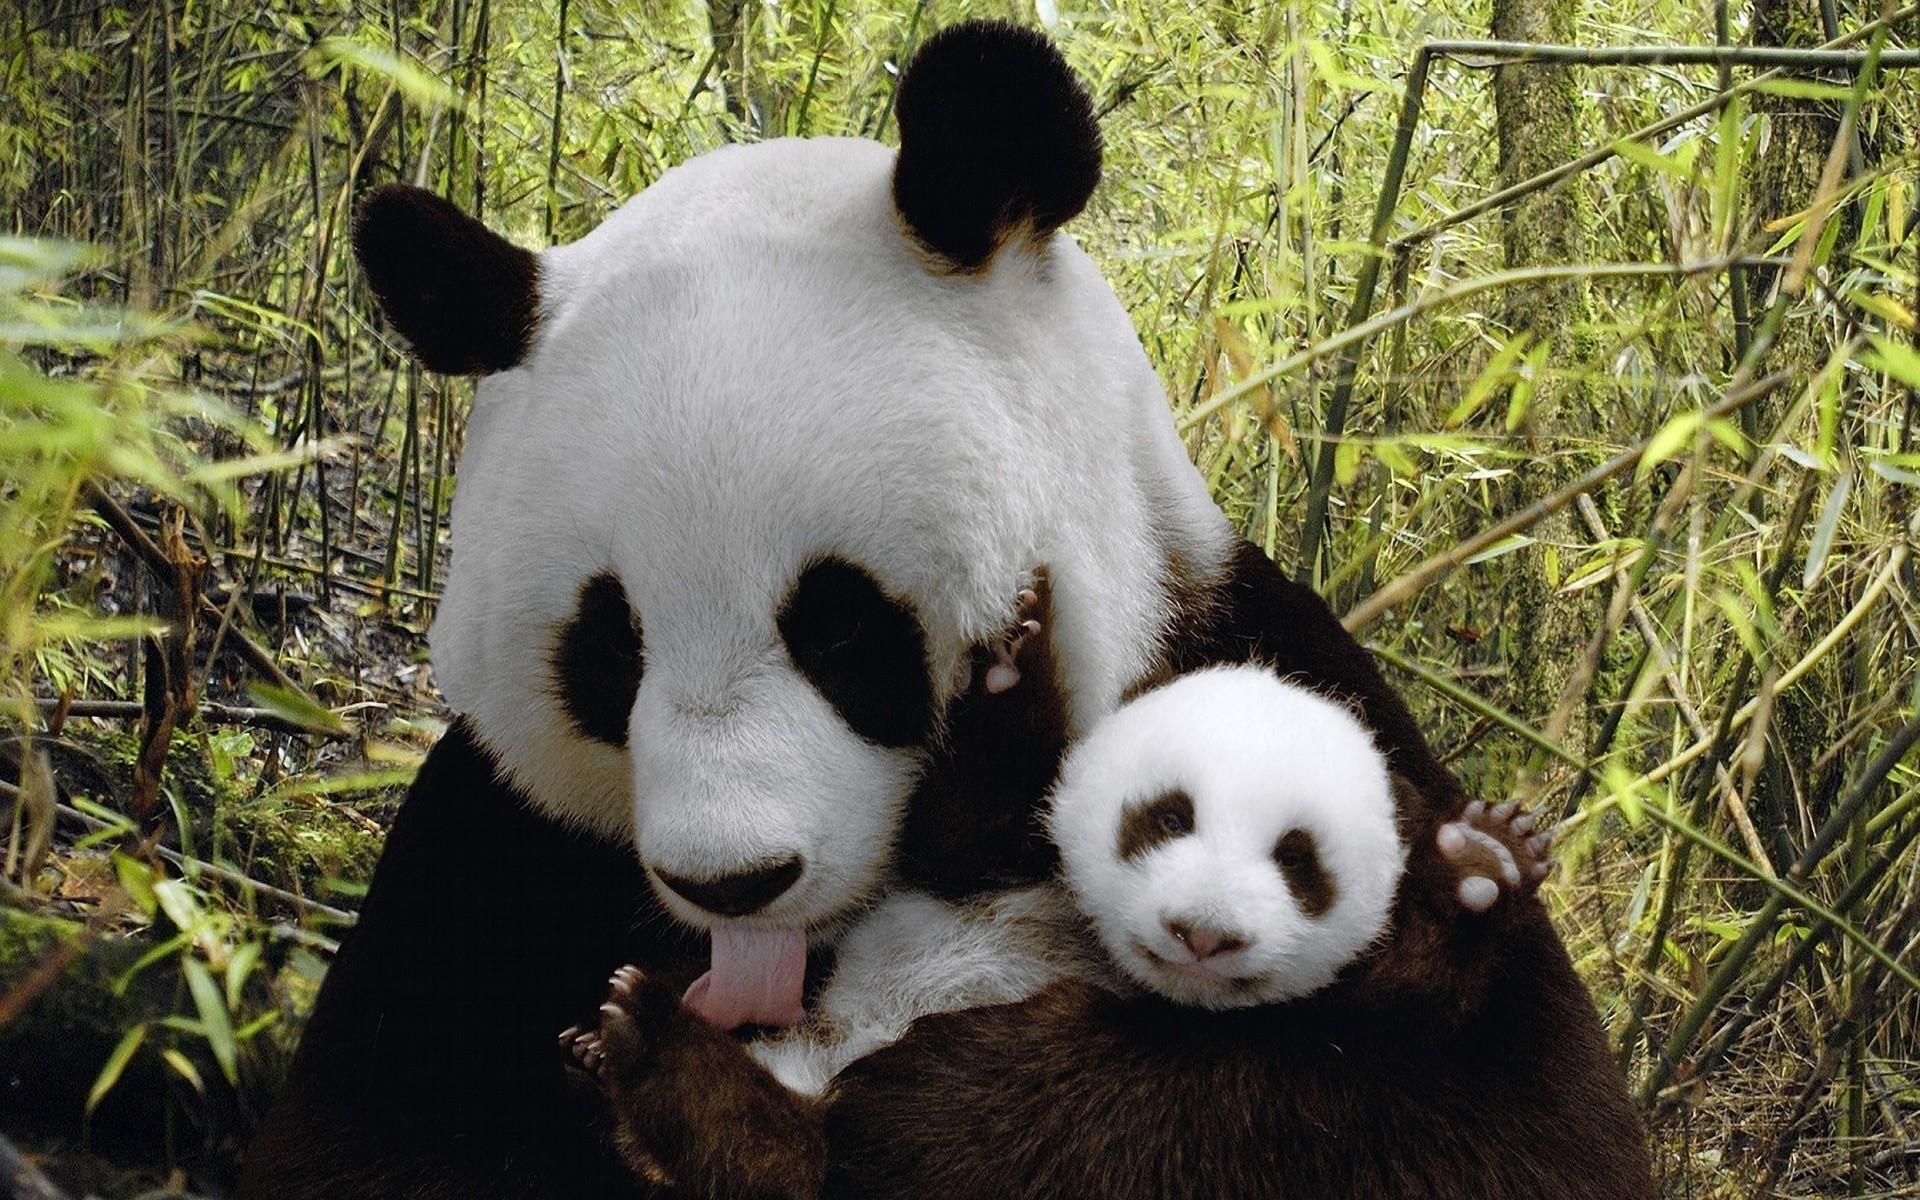 wallpapersforsweetcutebabypandabearwallpapersbabypanda 1920×1200 Cute Baby  Panda Wallpapers (57 Wallpapers)   Adorable Wallpapers